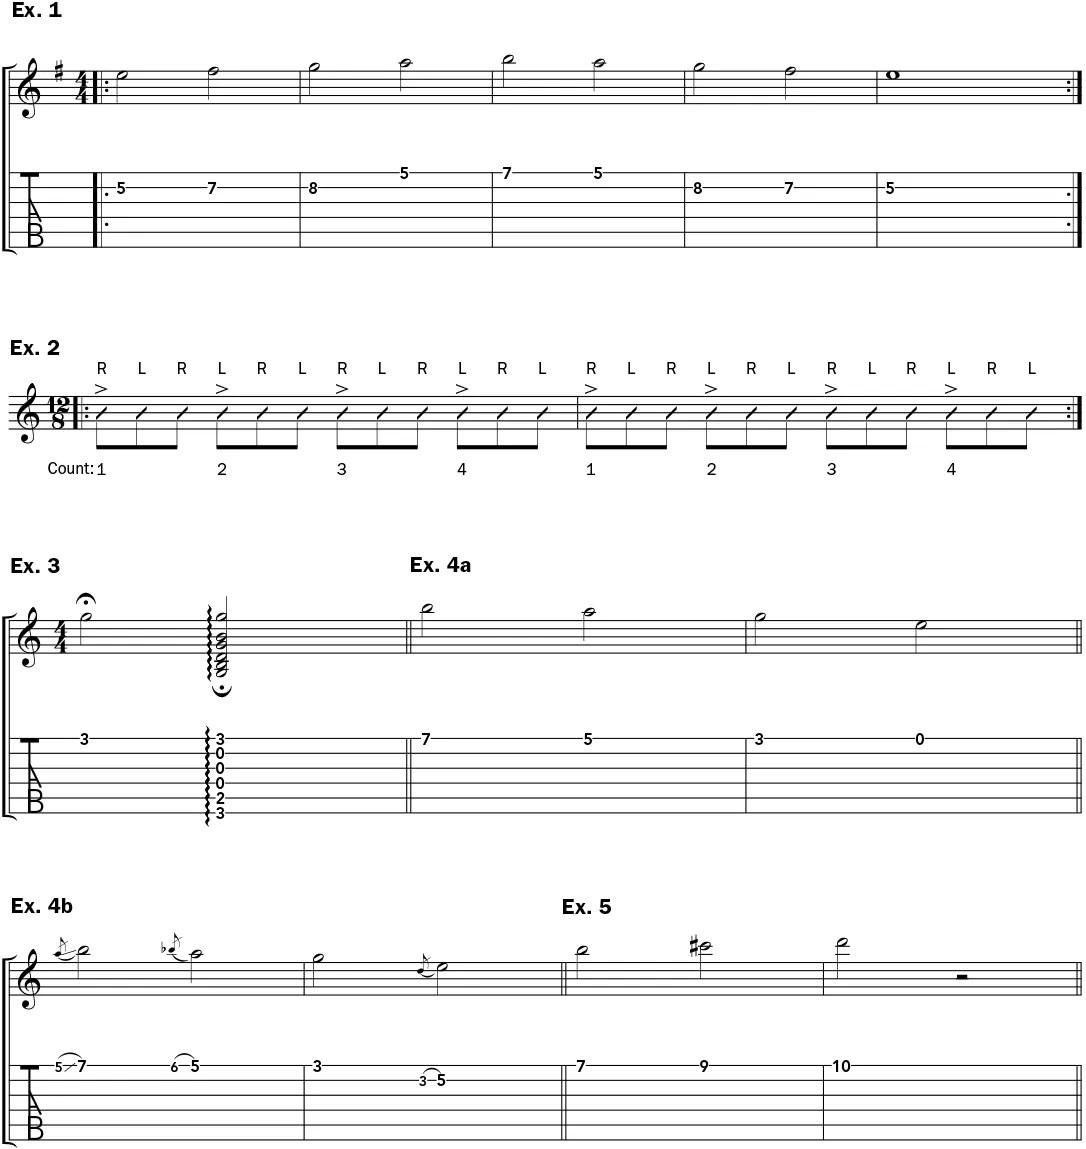 woodshedlesson-playingmusically